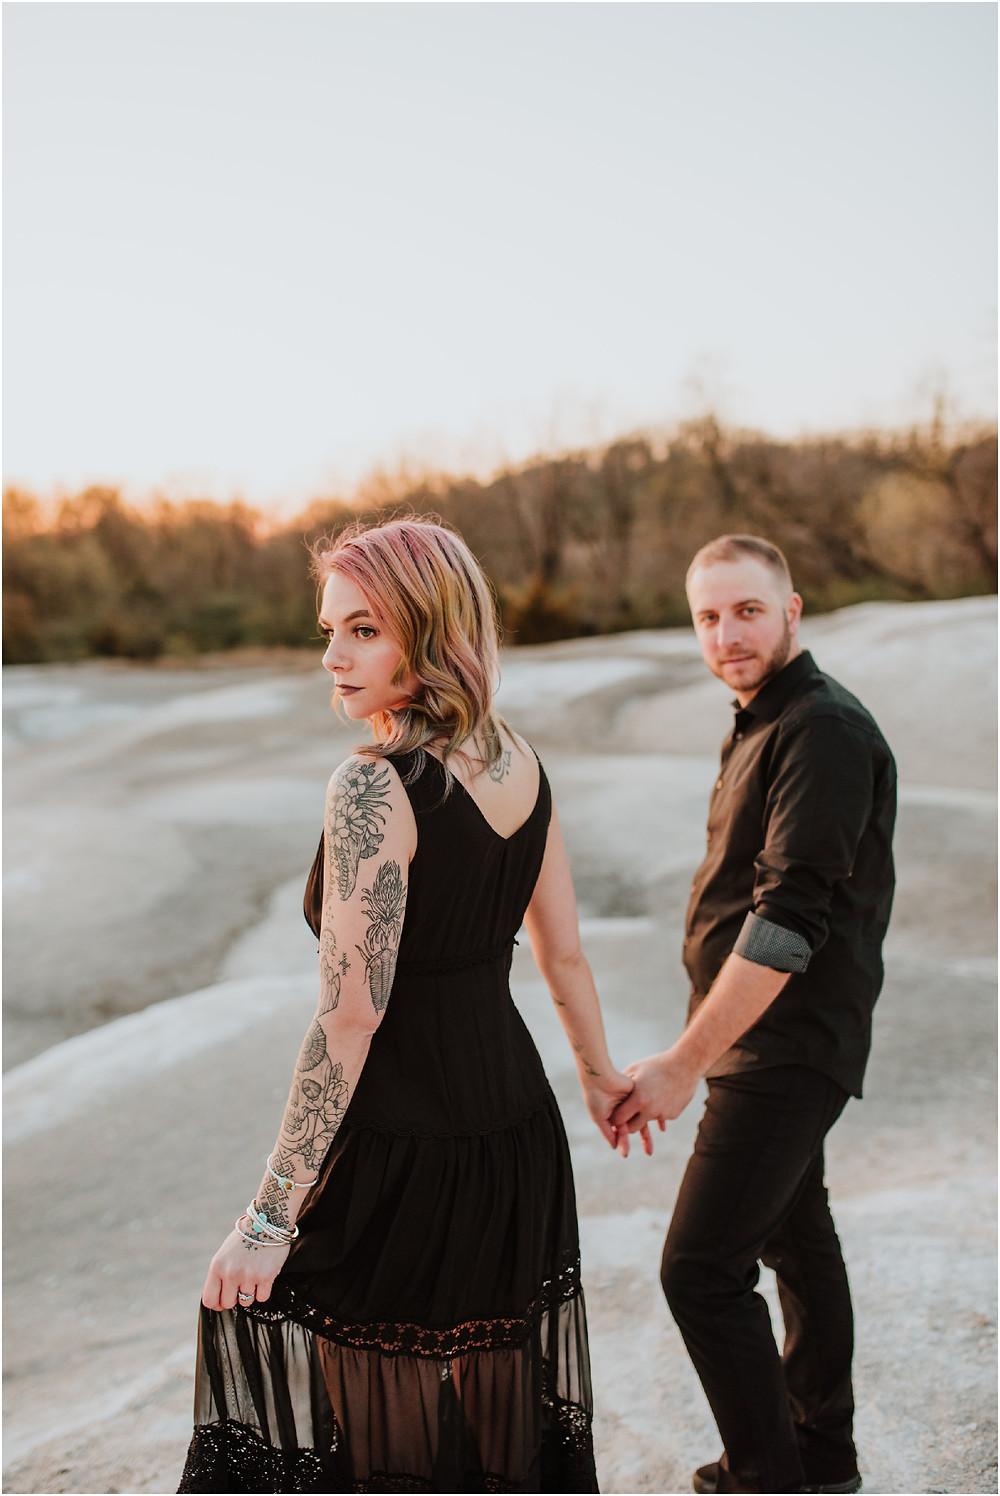 Romantic Lancaster Engagement Session by Karen Rainier Photography